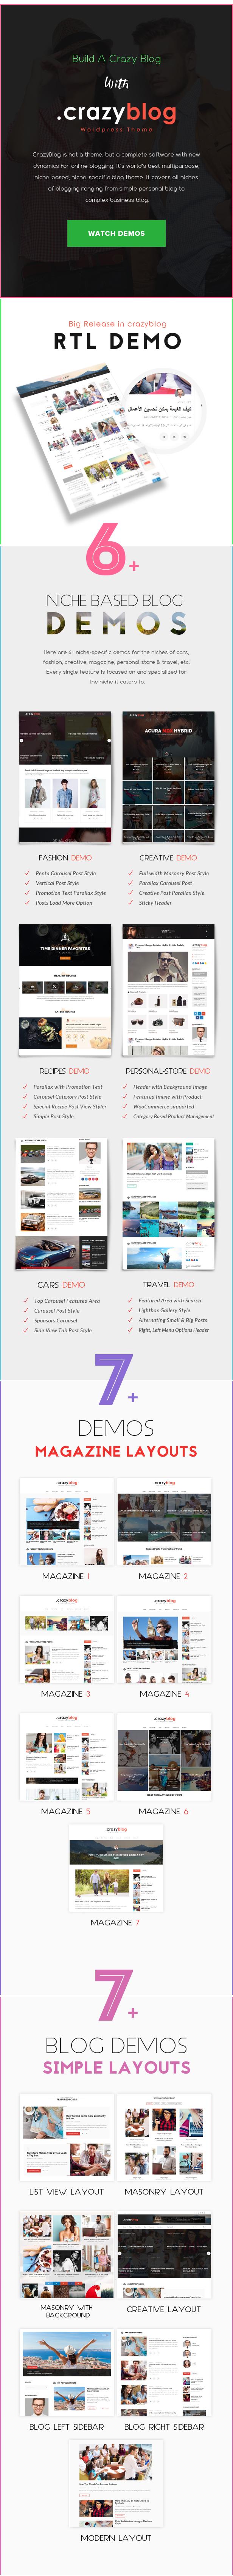 Картинка шаблона crazyblog1.7-presentation